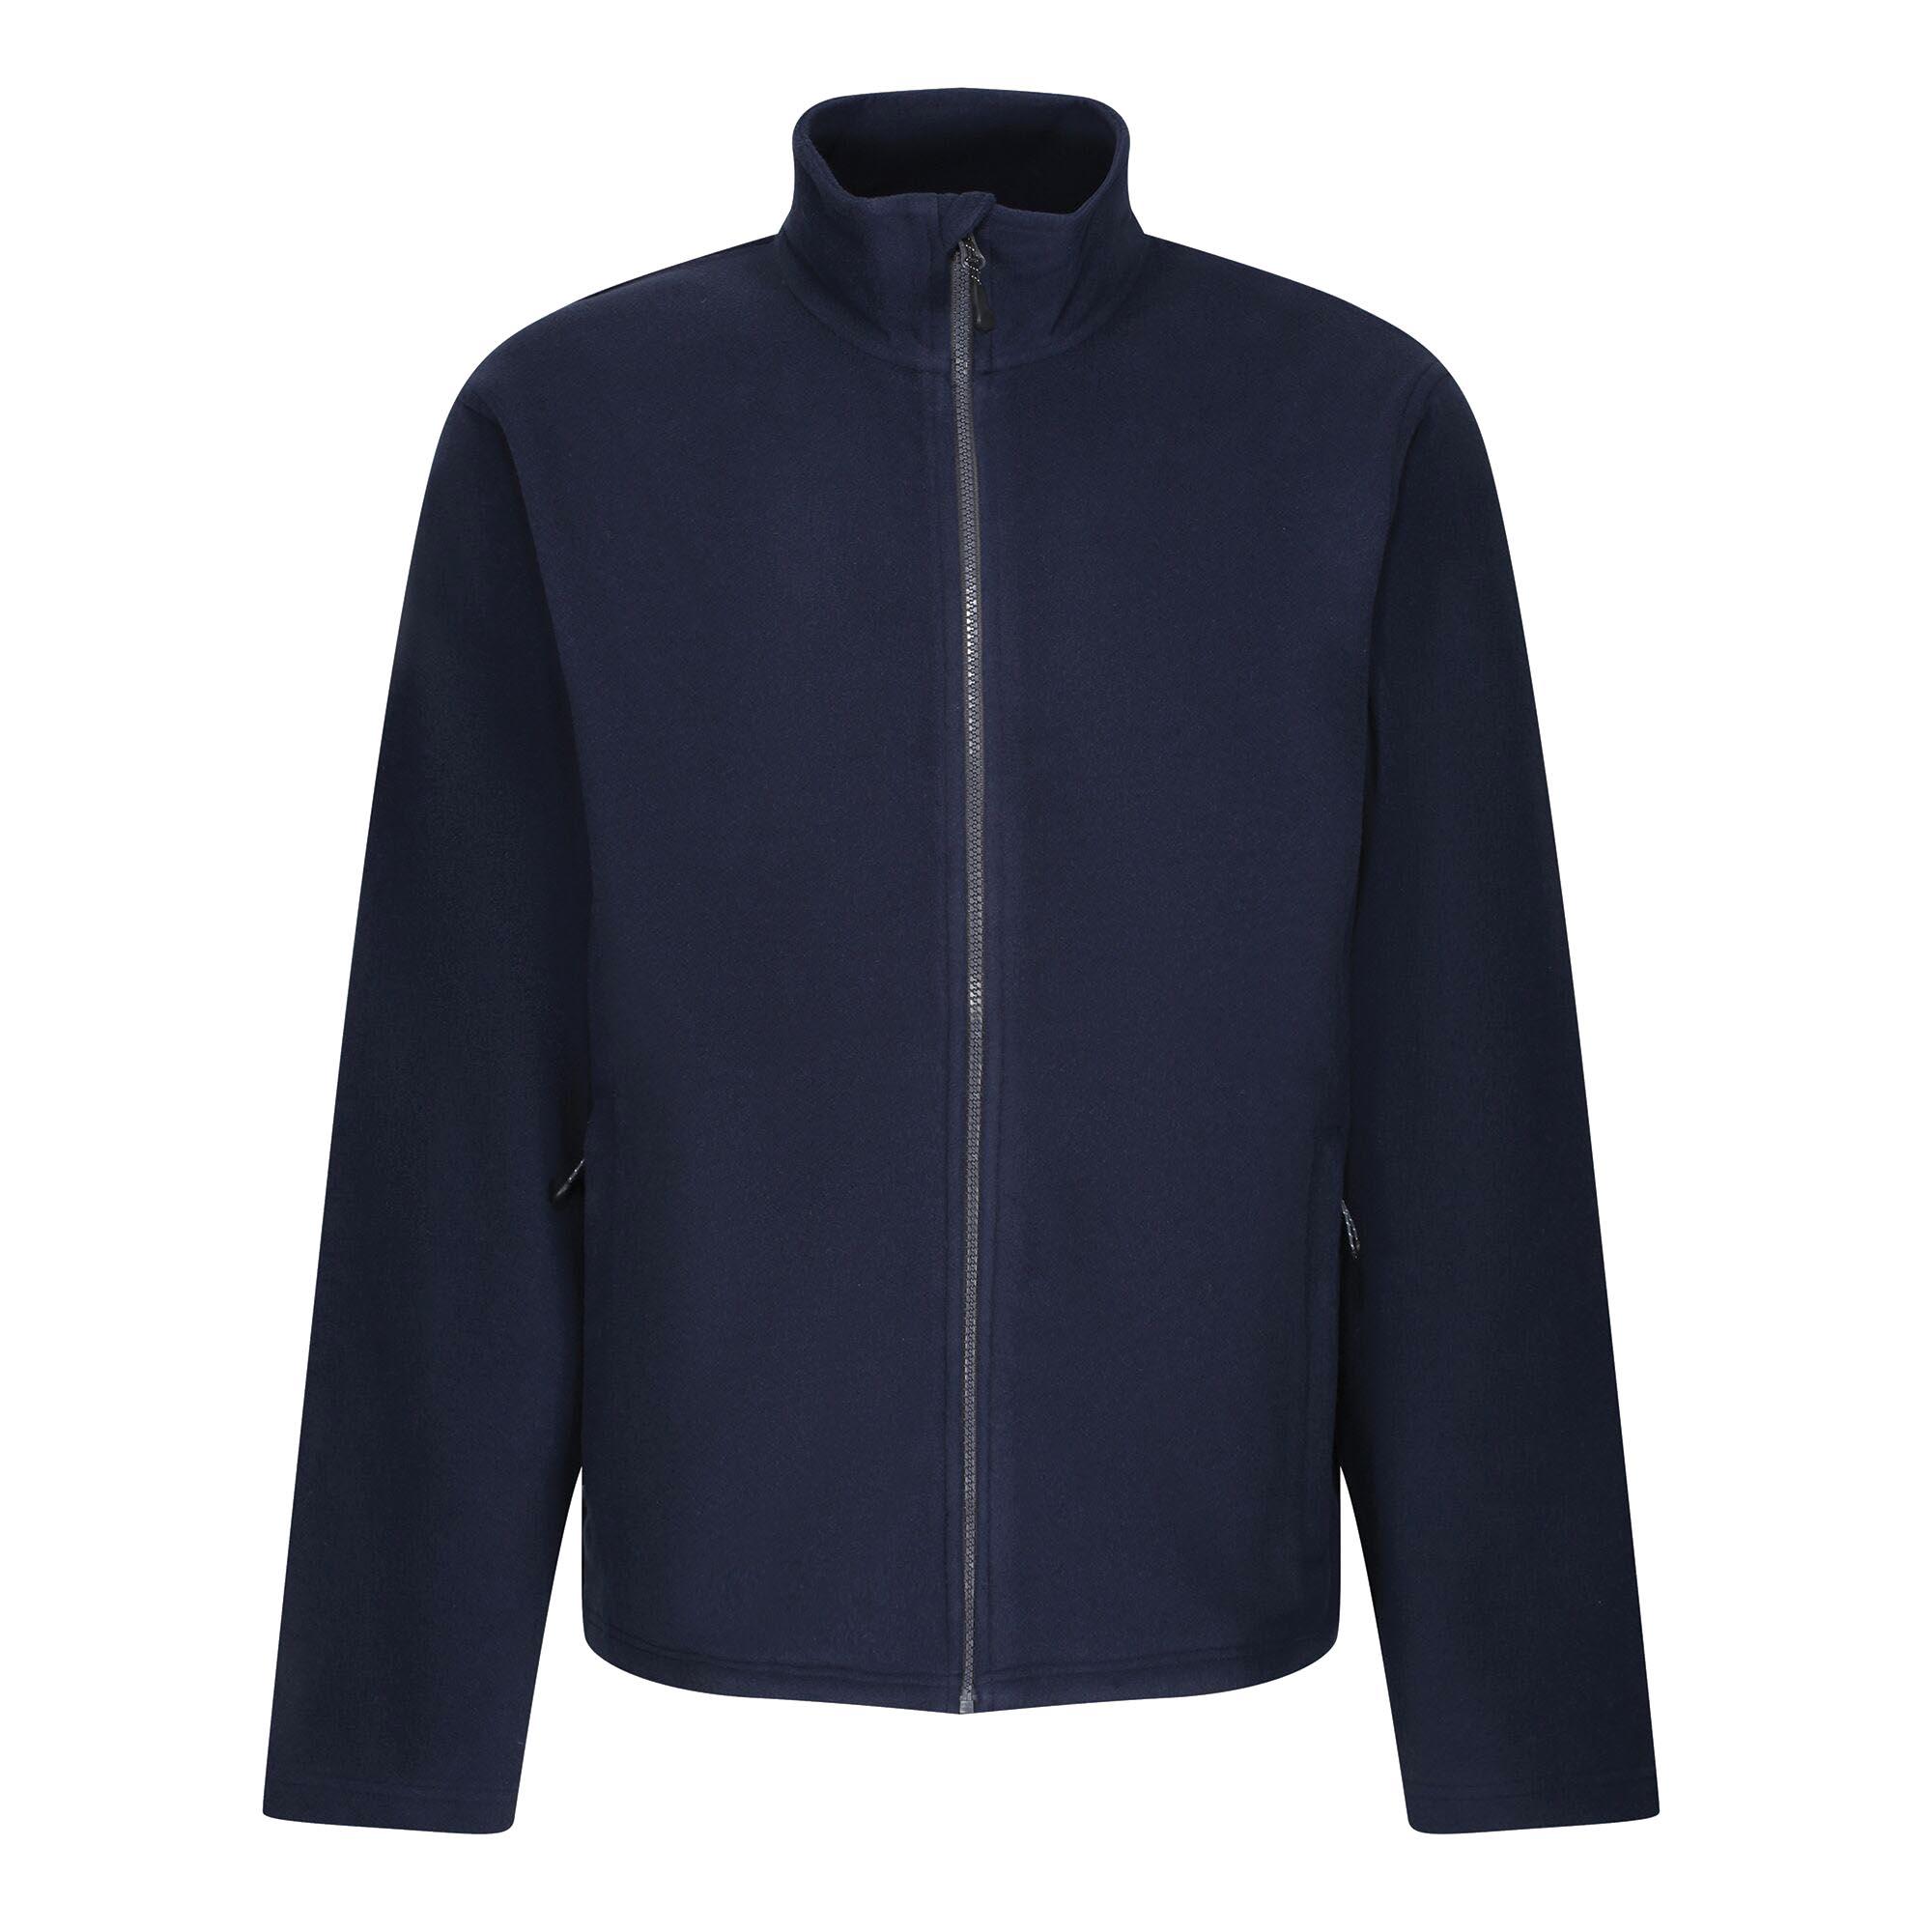 Regatta Mens Honestly Made Fleece Jacket (L) (Navy)